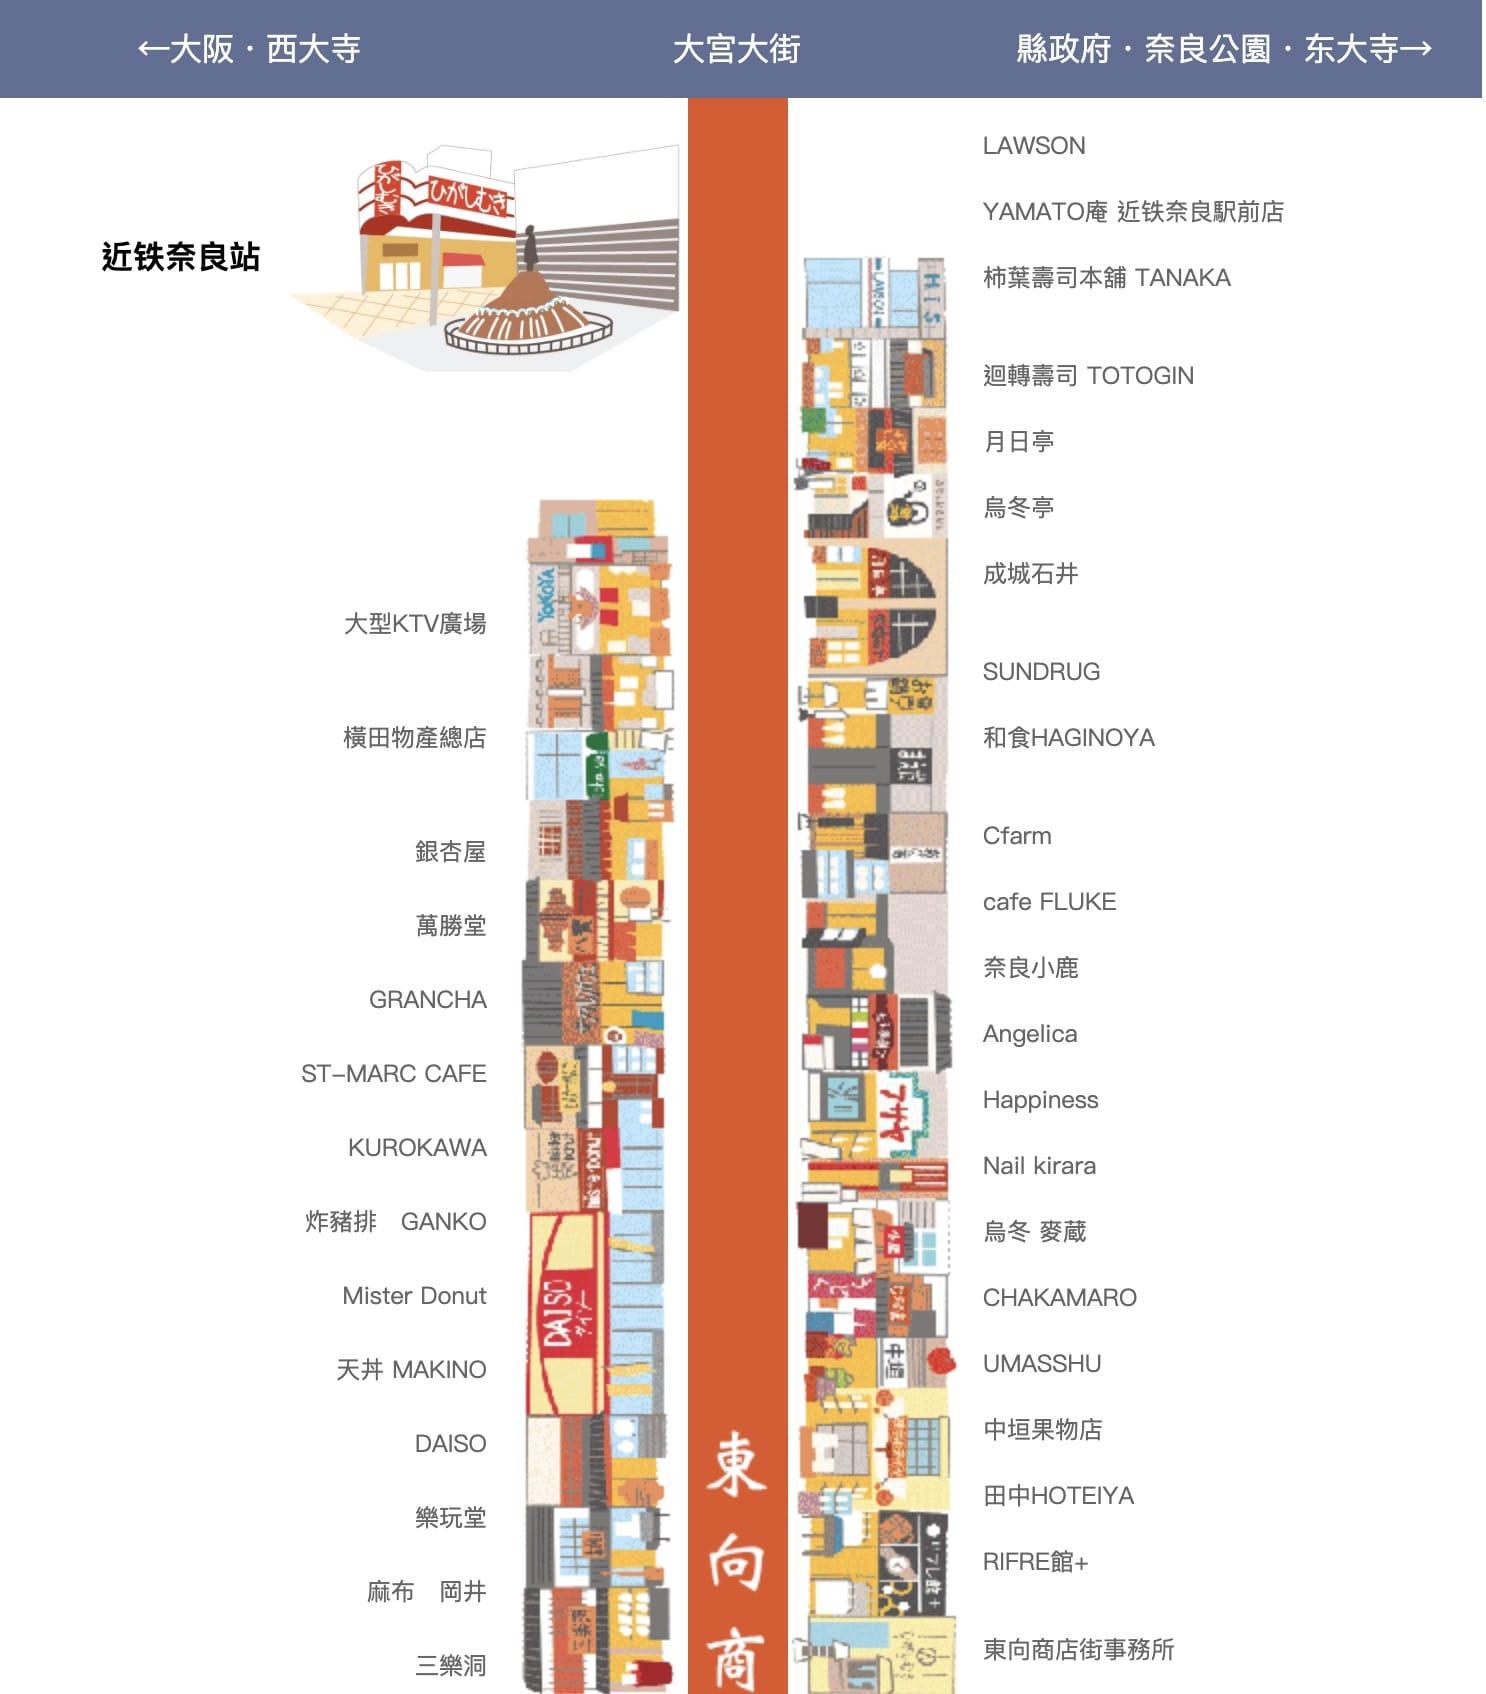 奈良逛街 奈良東向商店街逛街整理(美食餐廳、店家、藥妝、雜貨)